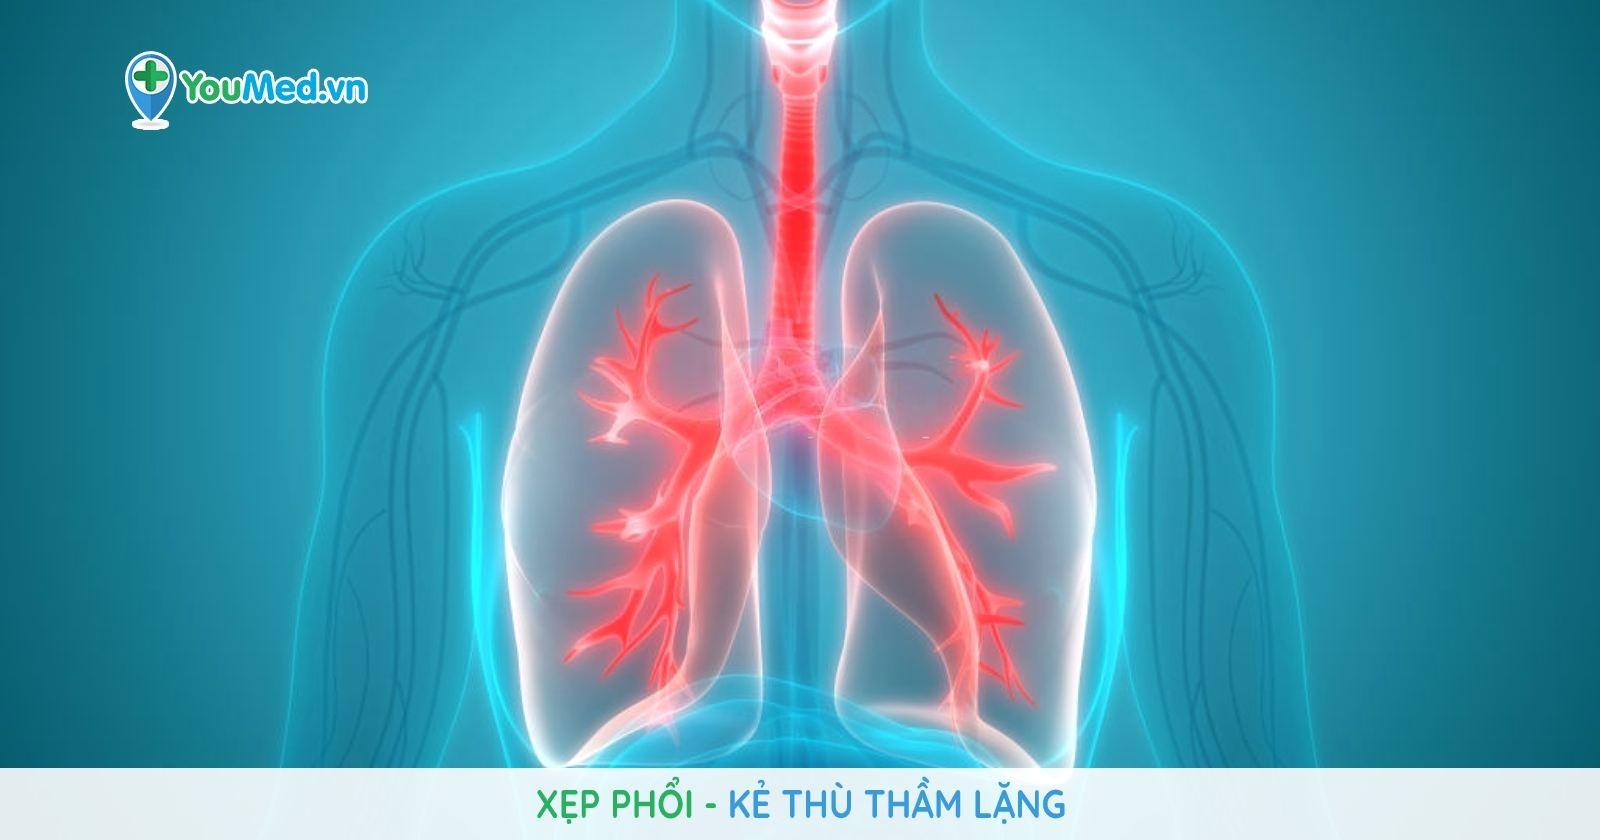 xep-phoi-ke-thu-tham-lang